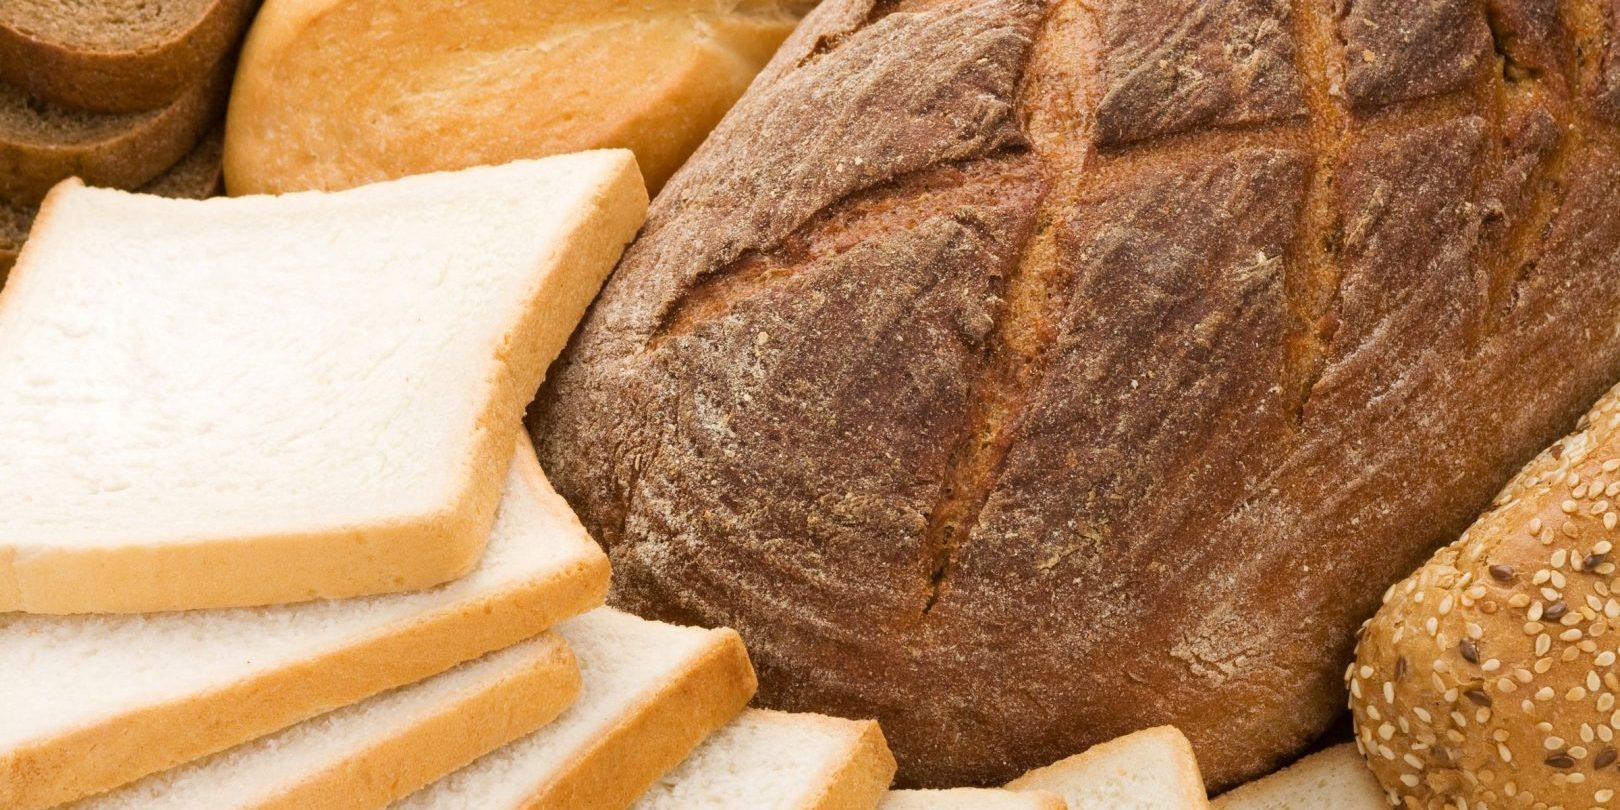 AEA_000666-0003-000224_bread